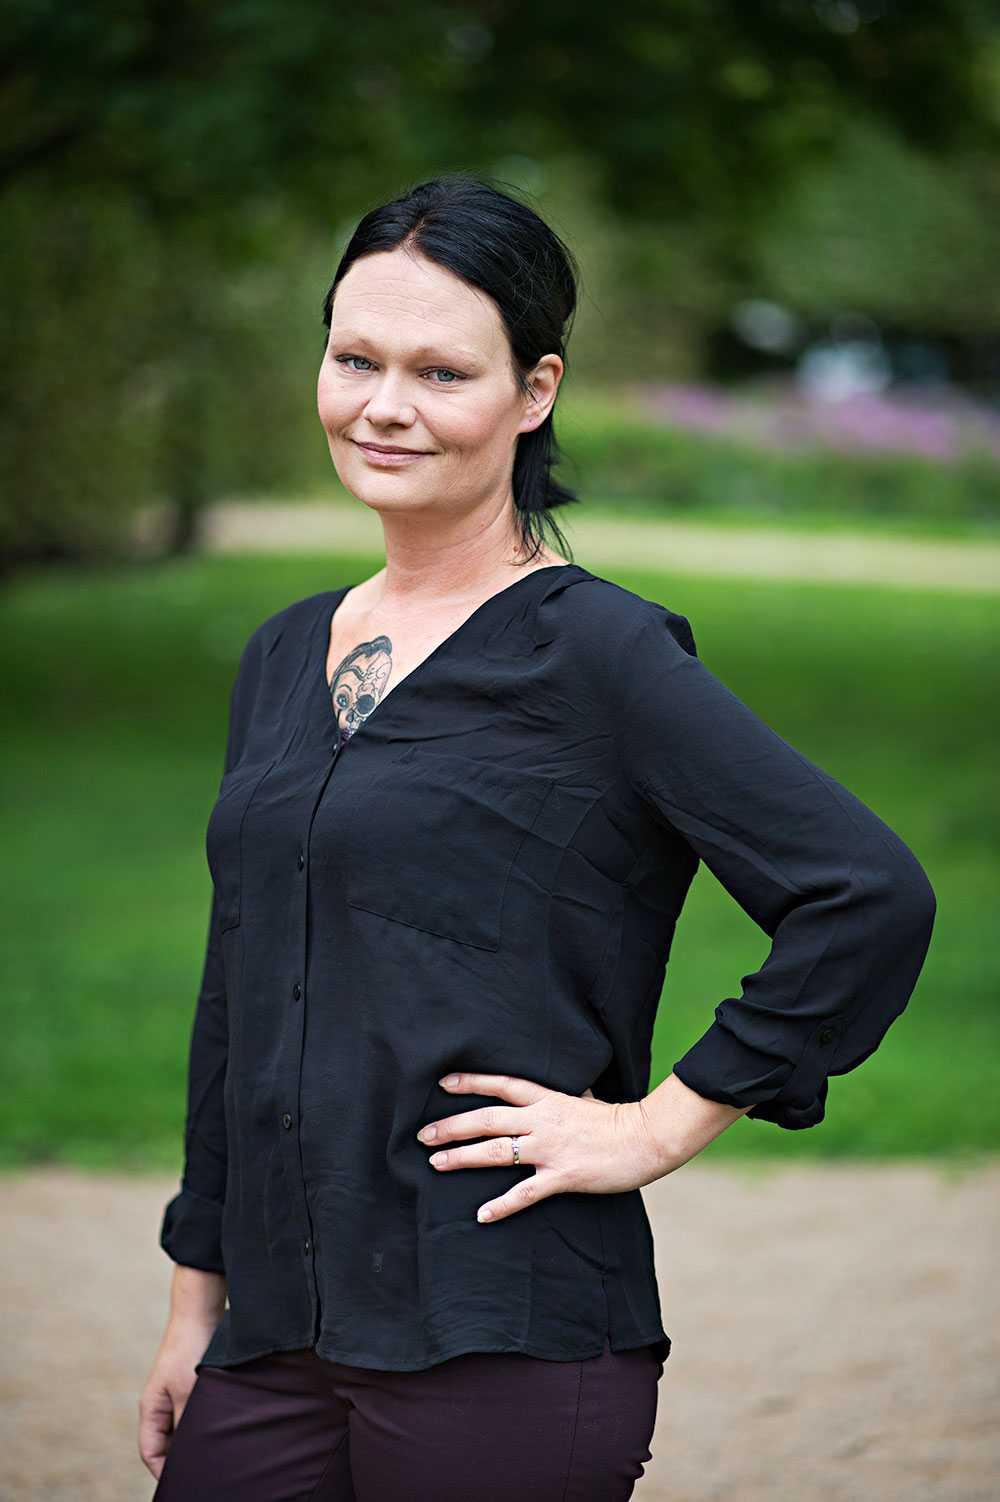 Anne-Sophie Lainesdotter Emilsson.